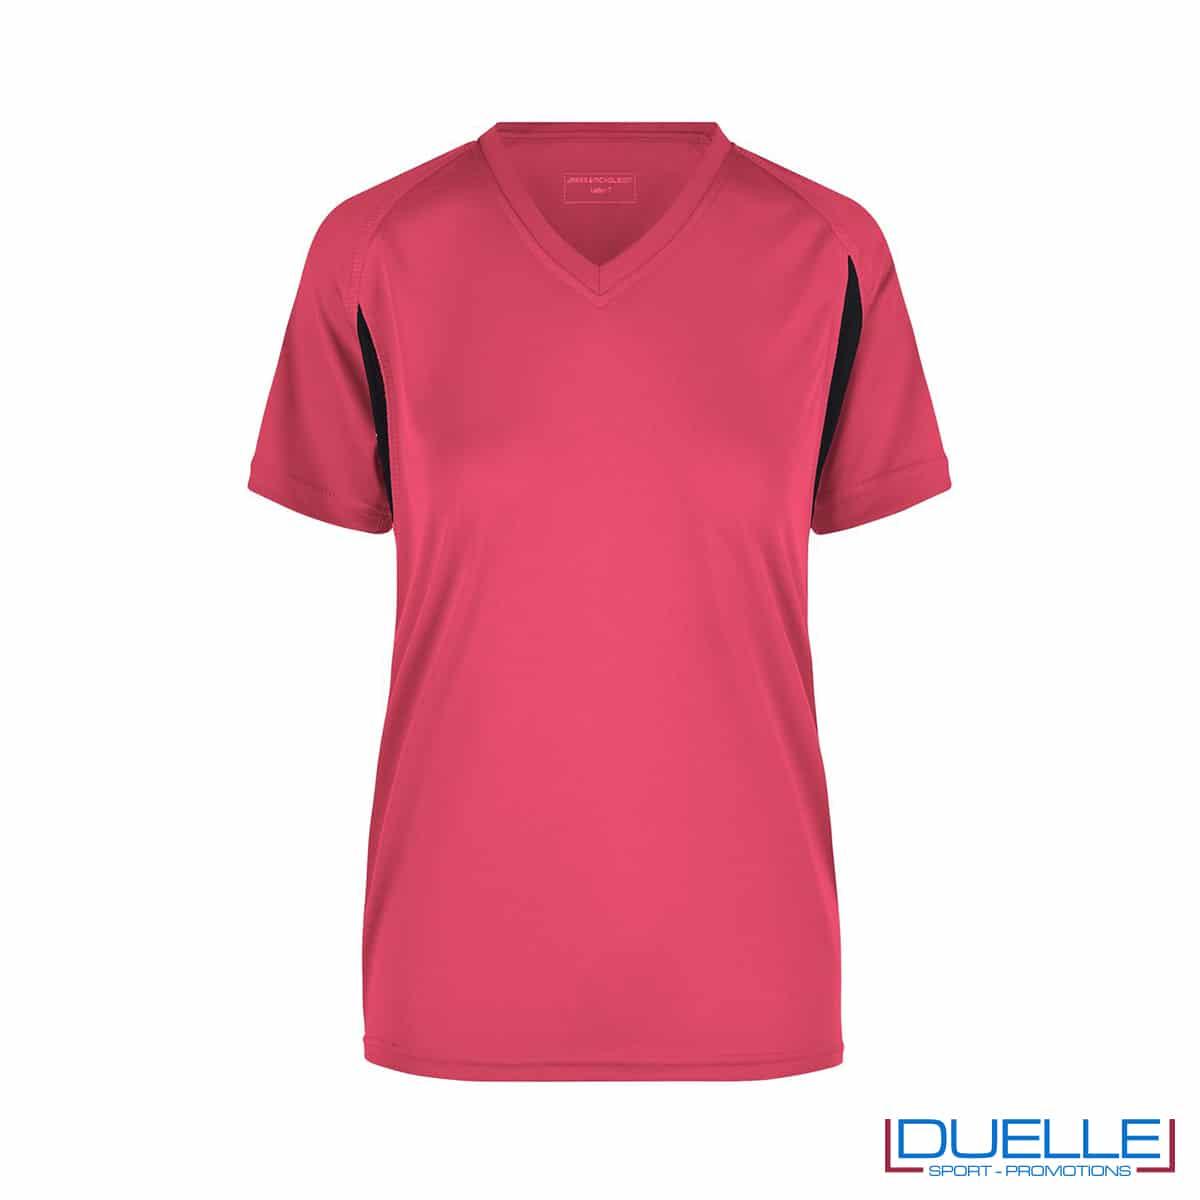 T-shirt running donna personalizzata colore rosa-nero